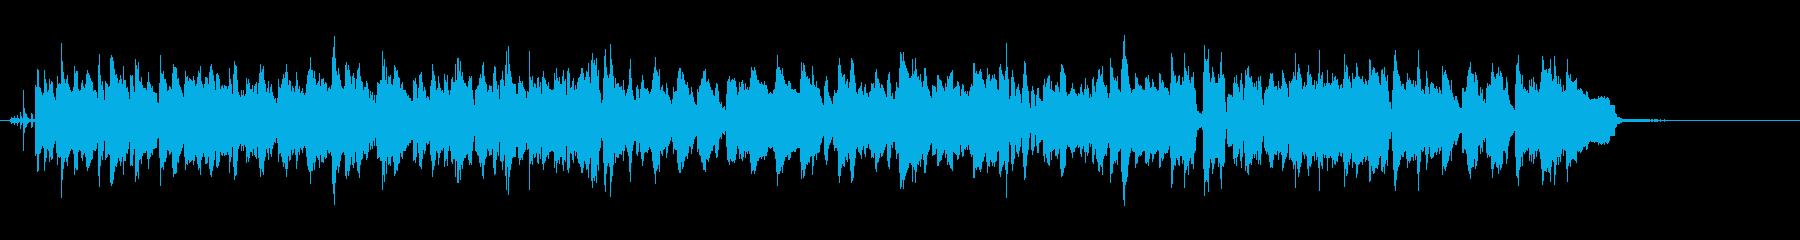 サックスとラッパが軽快なスウィングジャズの再生済みの波形